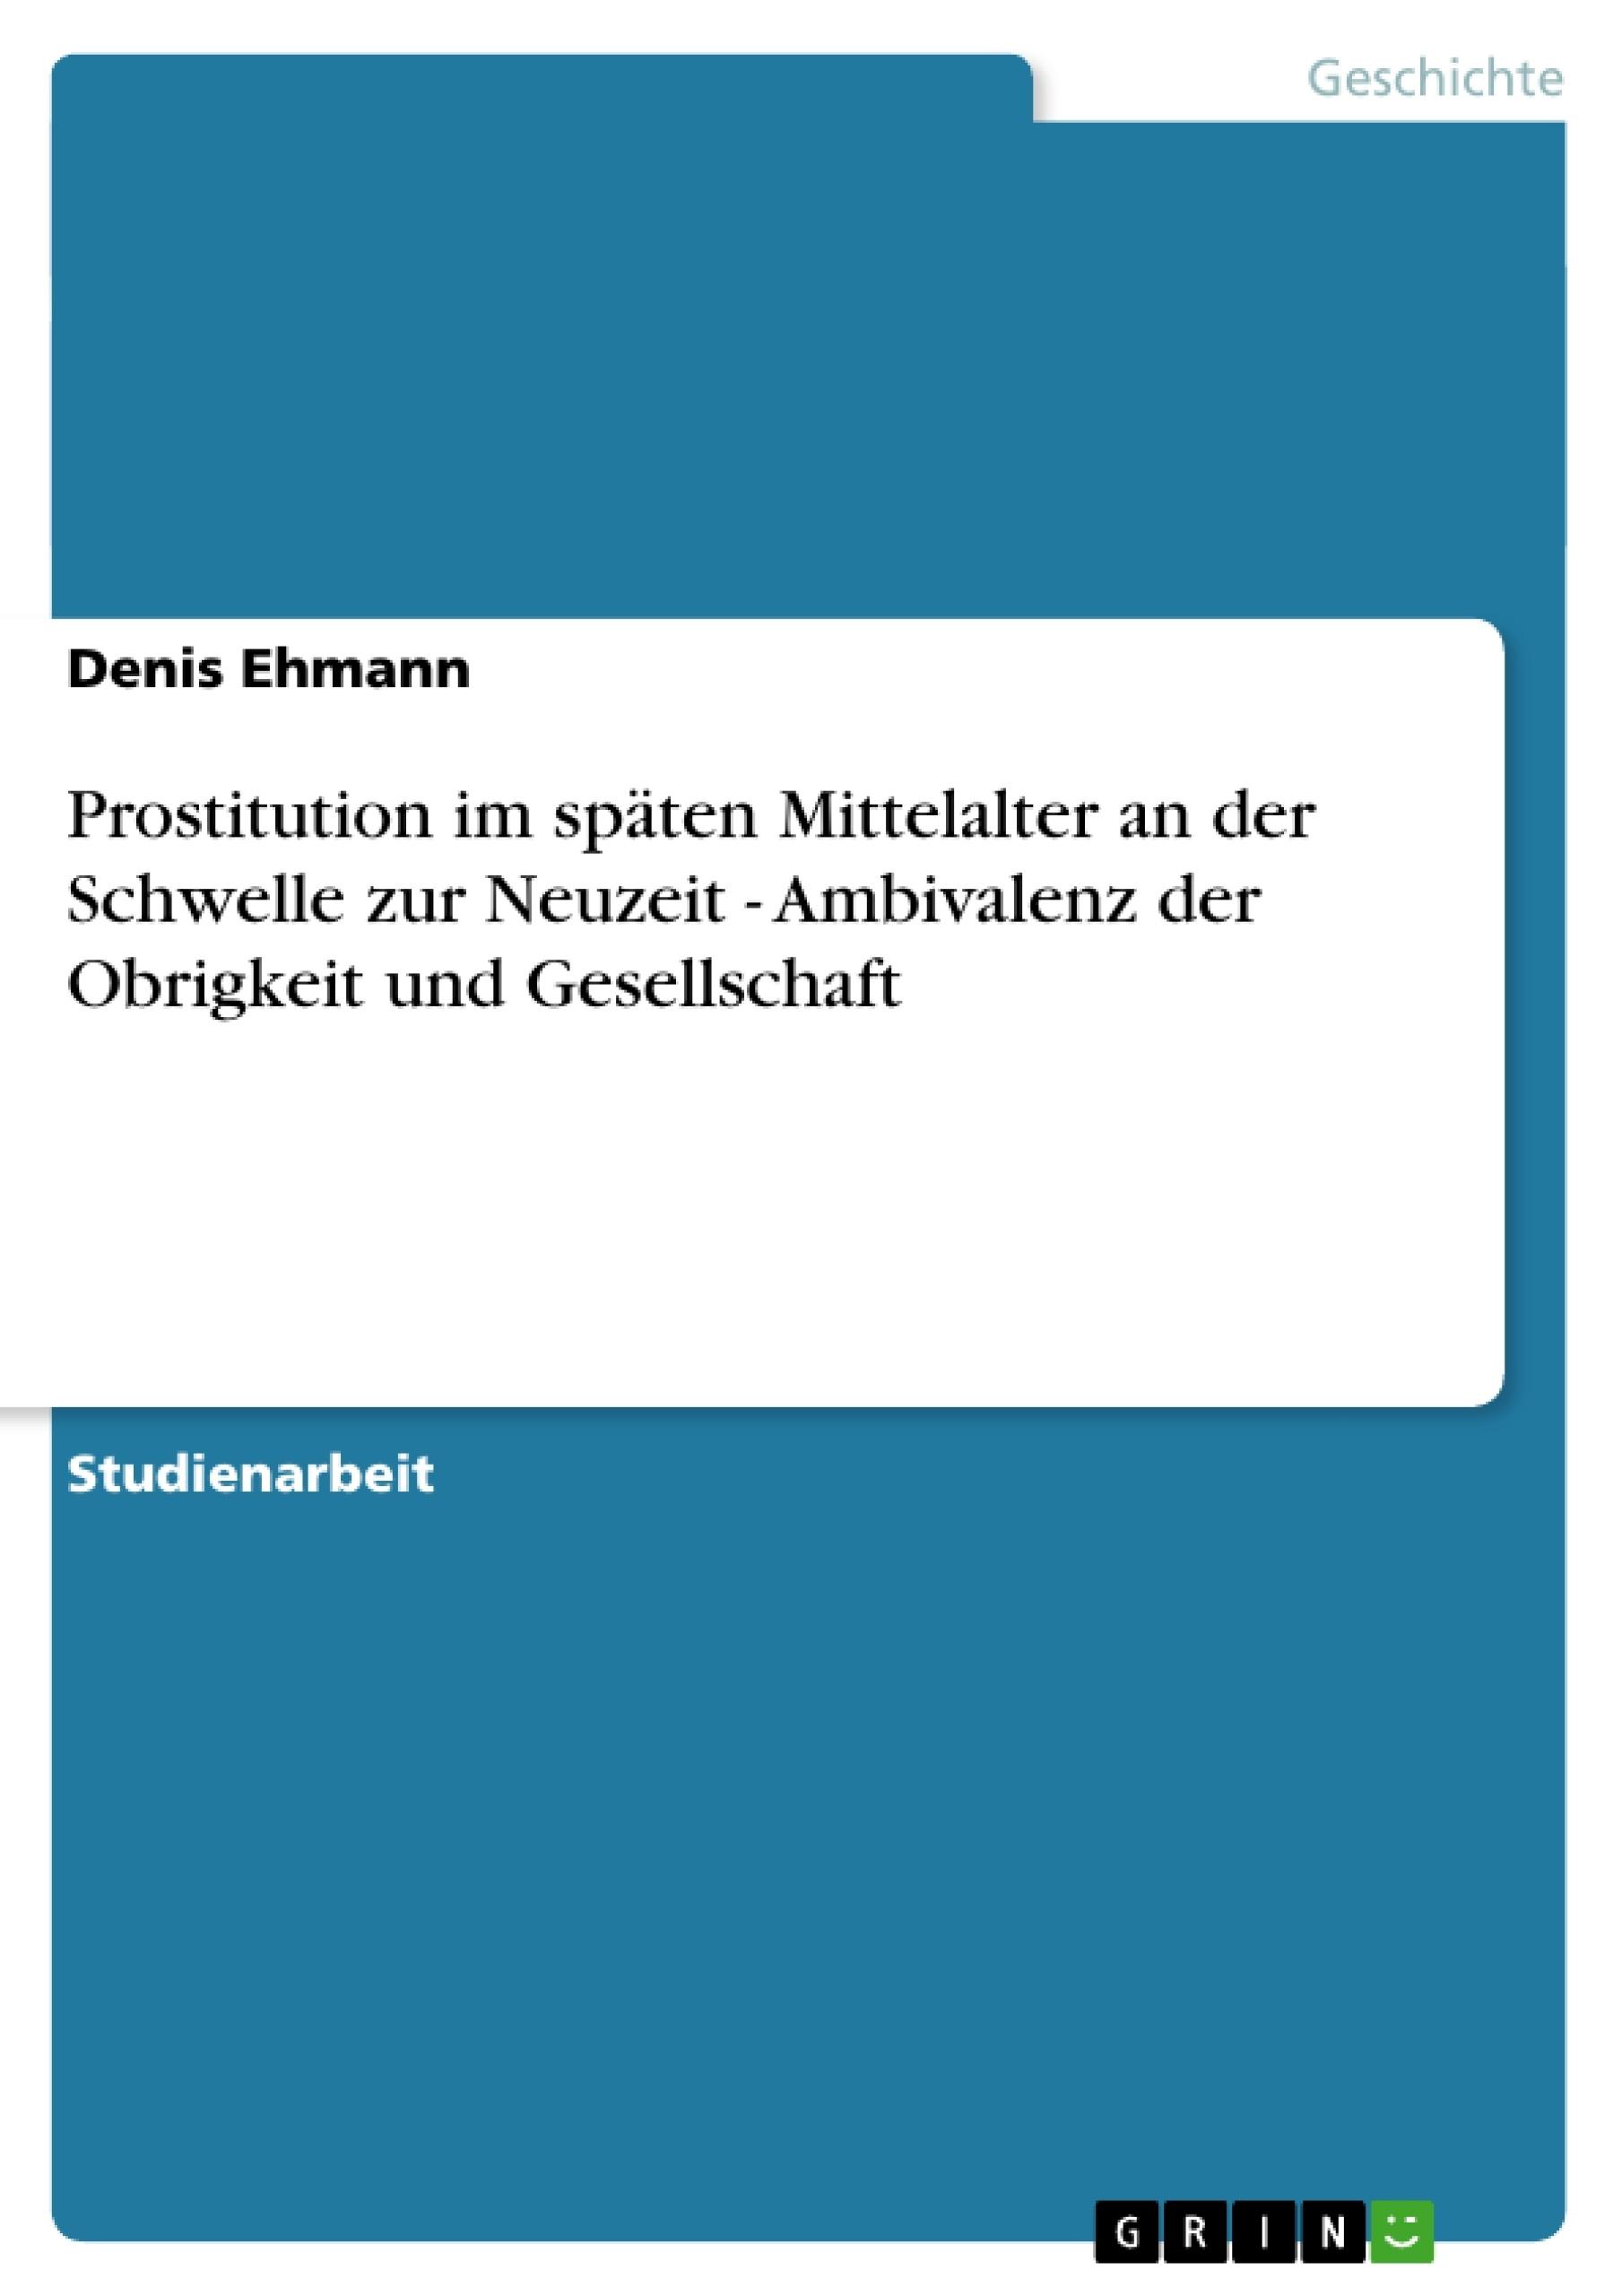 Titel: Prostitution im späten Mittelalter an der Schwelle zur Neuzeit - Ambivalenz der Obrigkeit und Gesellschaft